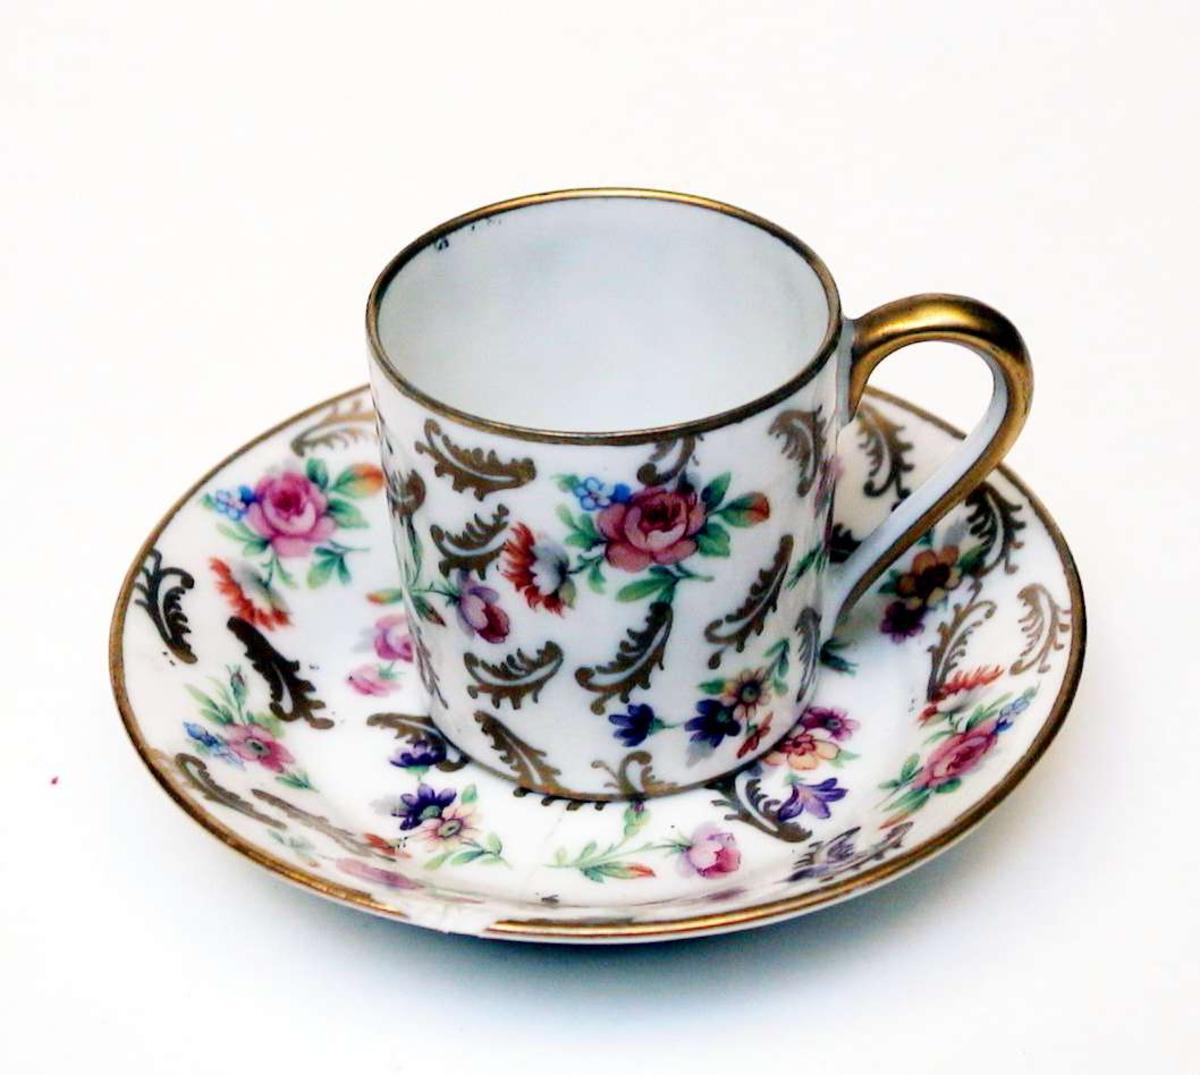 Mokkakopp med skål av hvit porselen. Både kopp og skål er dekorert med blomster og blad i farger og forgylling. Kopp og skål har forgylte kanter. Hanken er forgylt. Skålen er limt og den har et hakk i kanten.